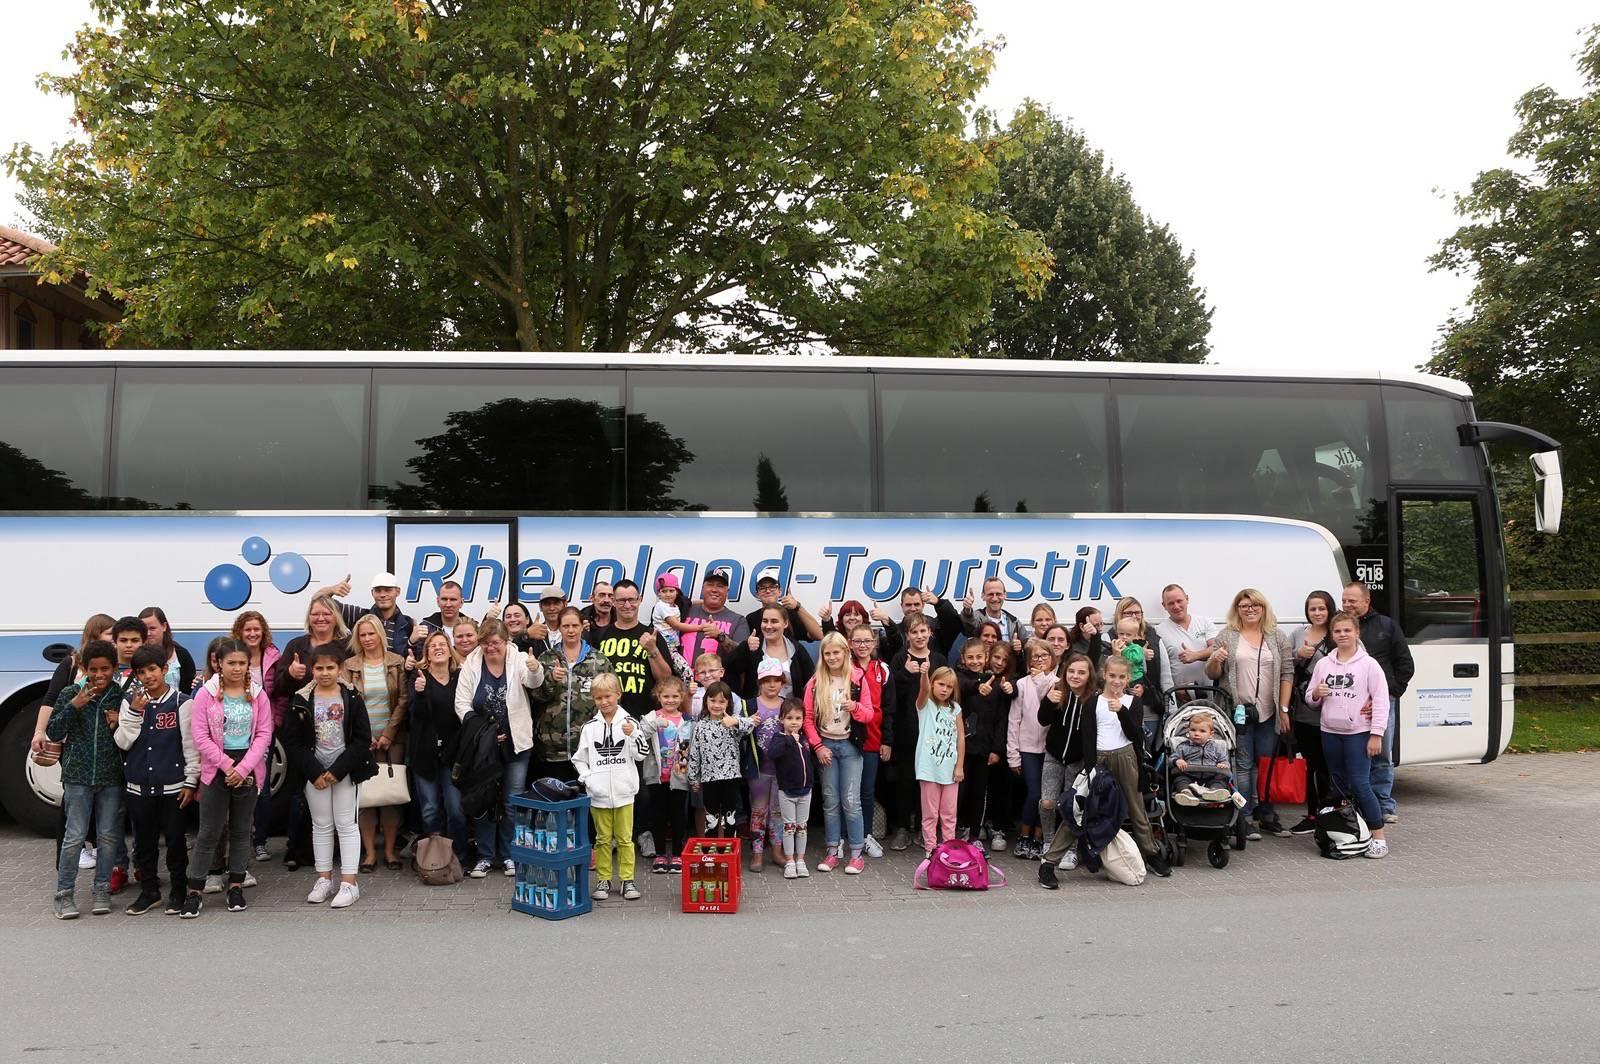 Besuch in Irrland - Die Bauernhof-Erlebnisoase